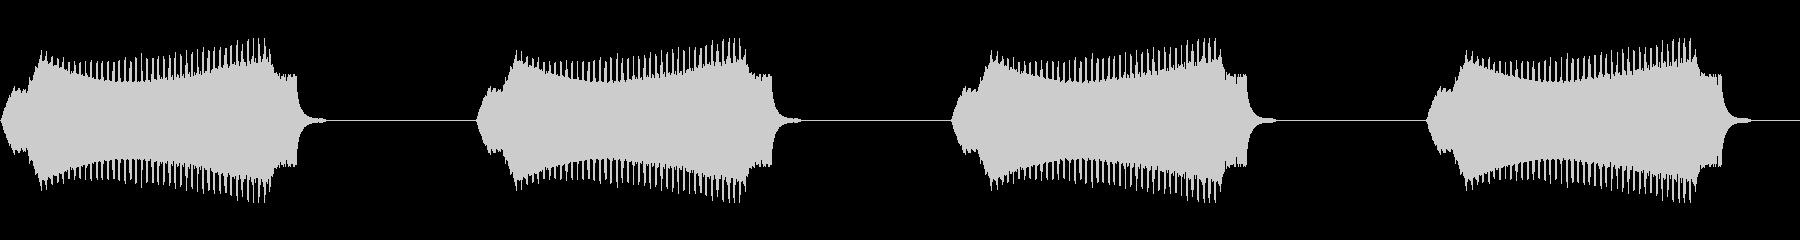 エレクトロニクスEC07_25_2の未再生の波形